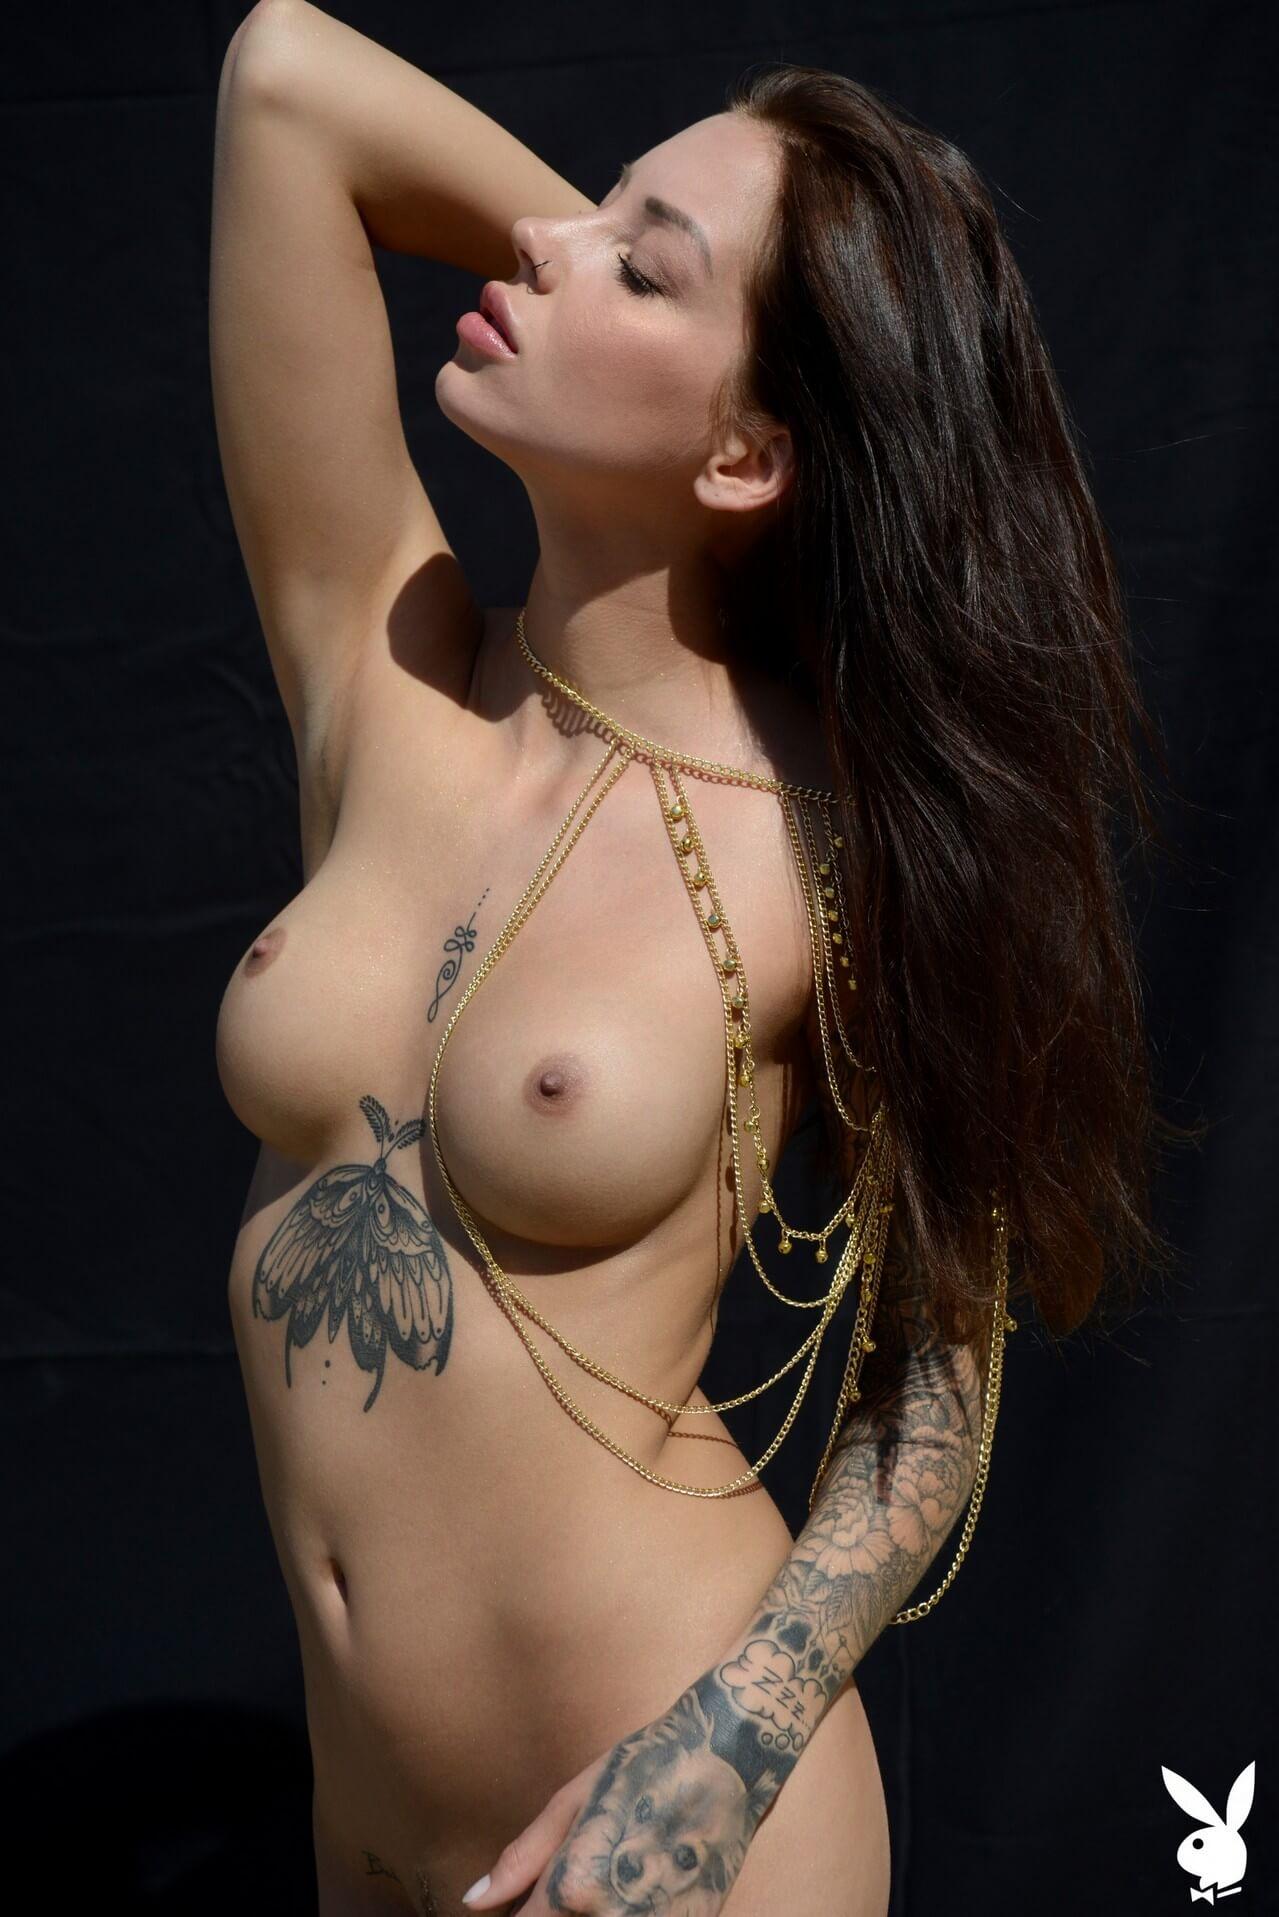 Model nude tattoo 100 Sexiest